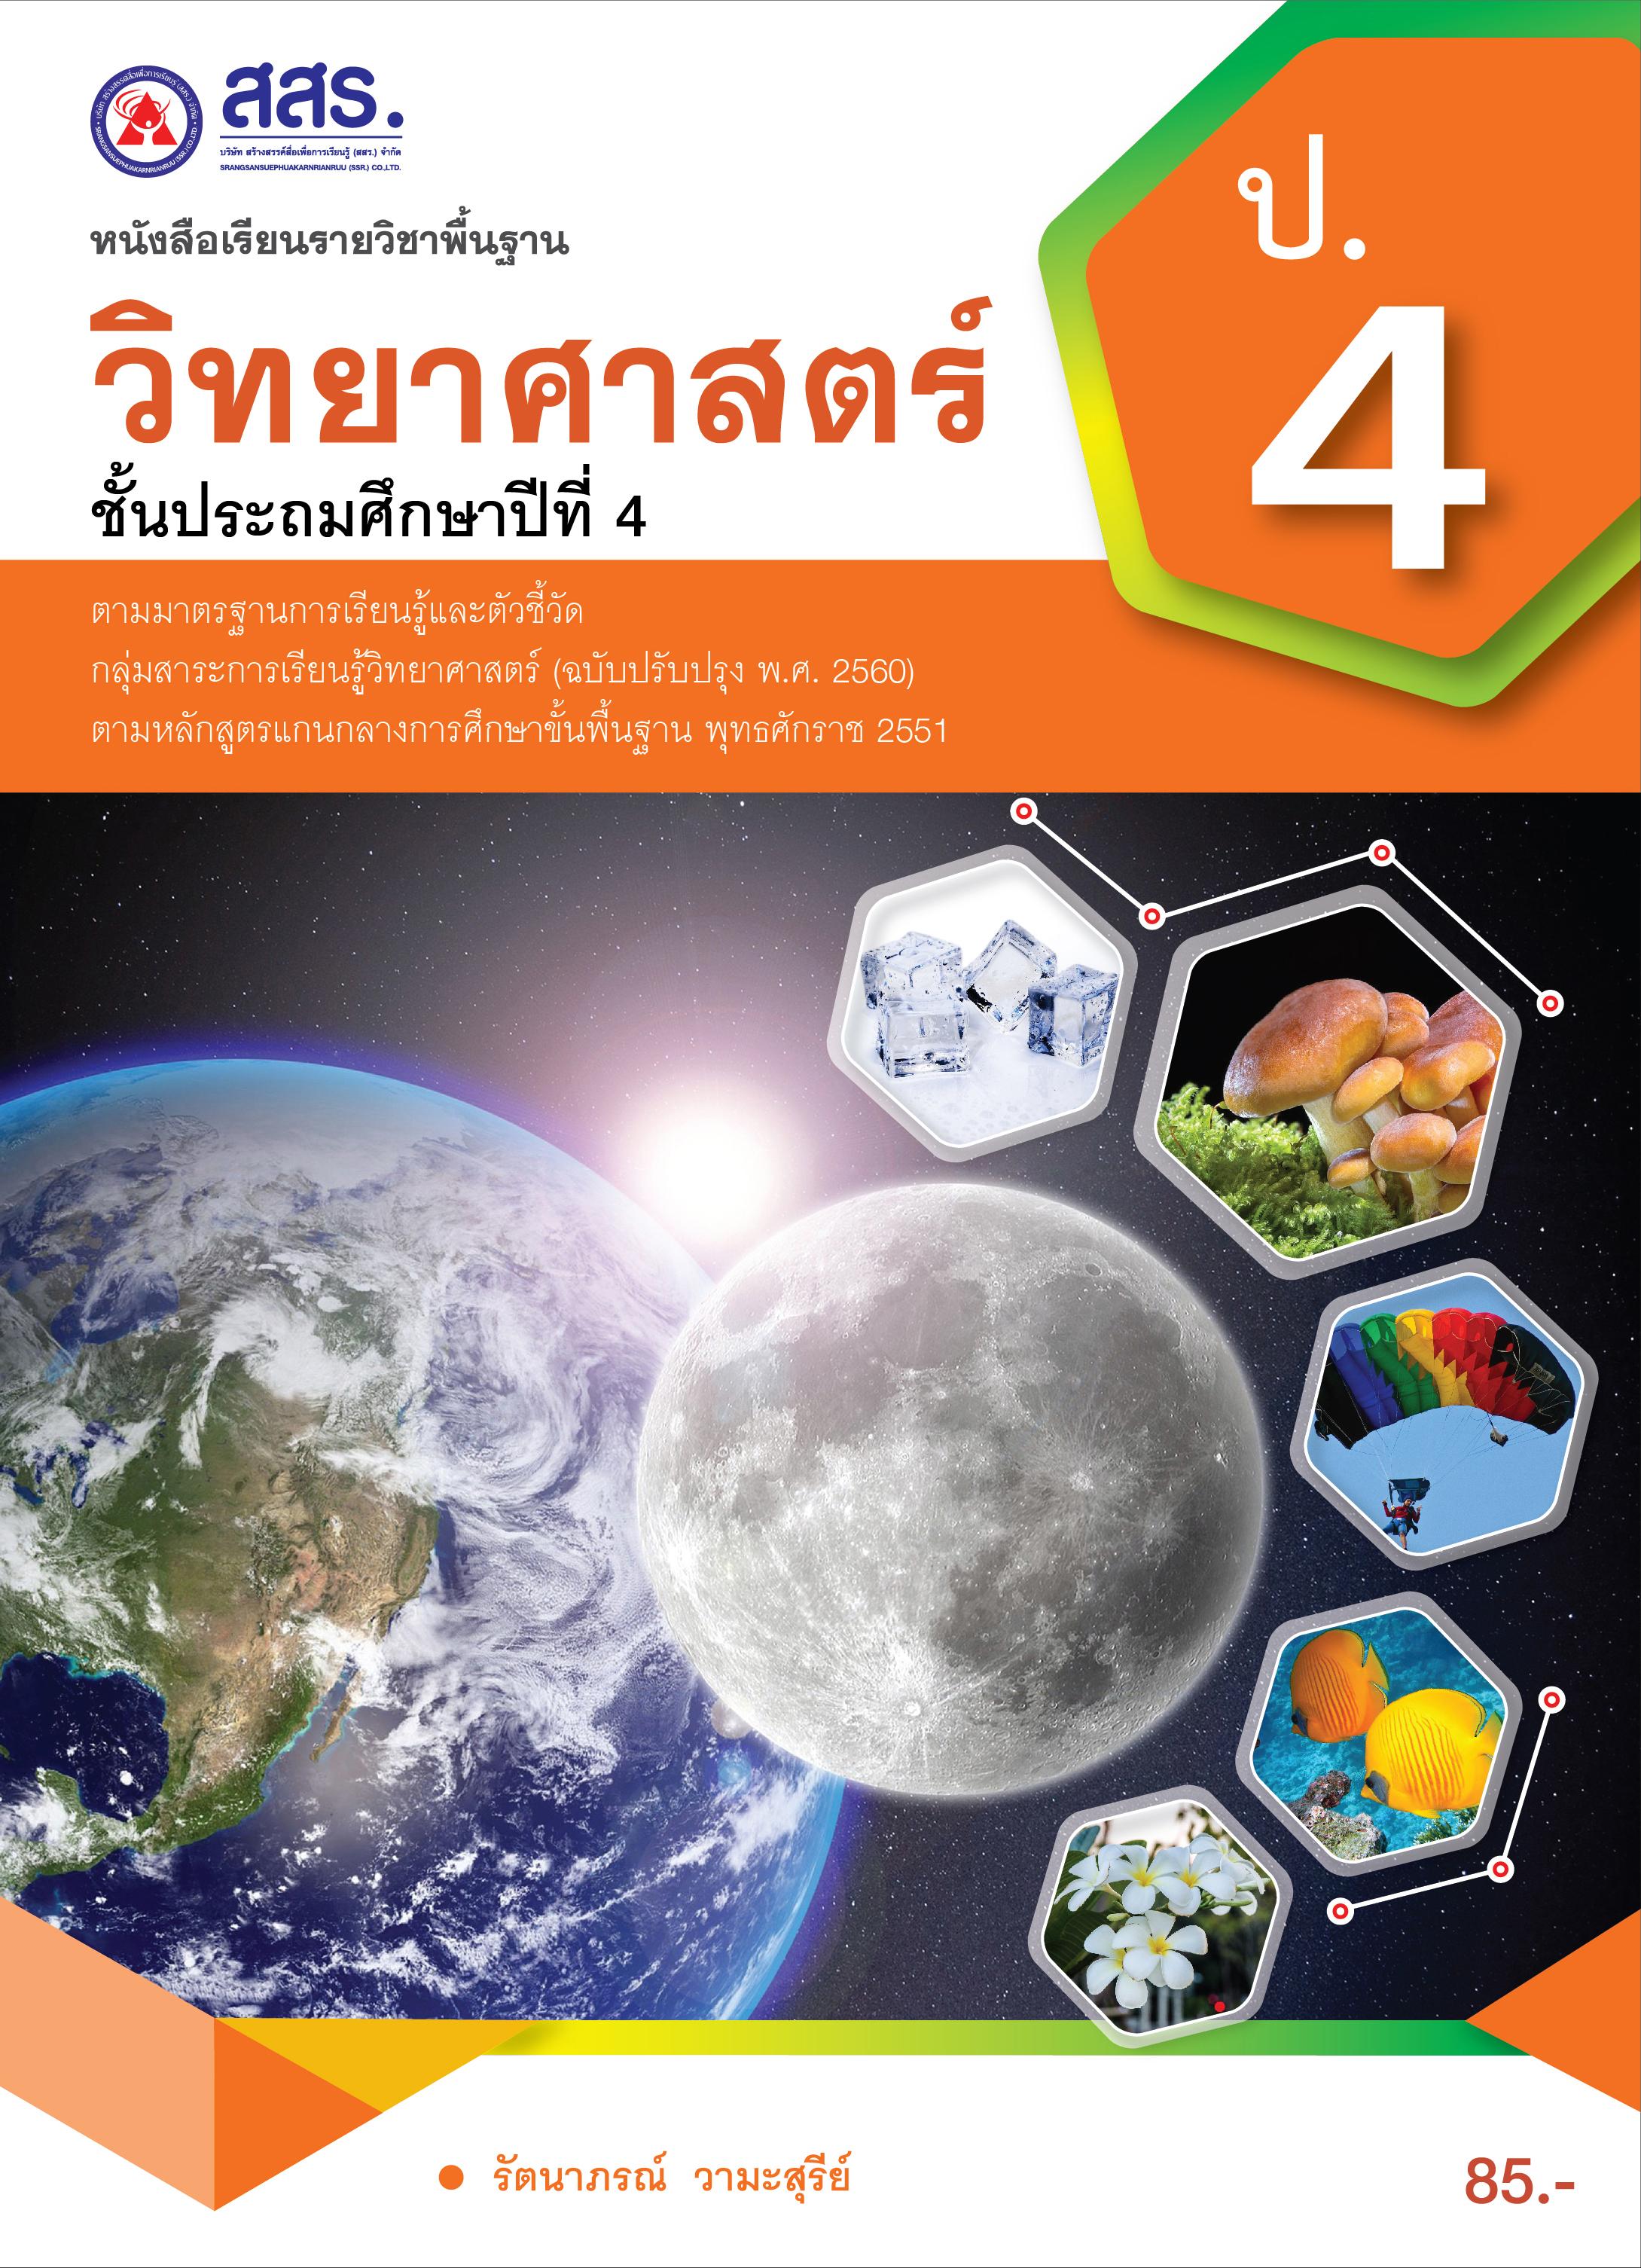 หนังสือเรียนรายวิชาพื้นฐาน วิทยาศาสตร์ ชั้นประถมศึกษาปีที่ 4 (ฉบับใบอนุญาตฯ)